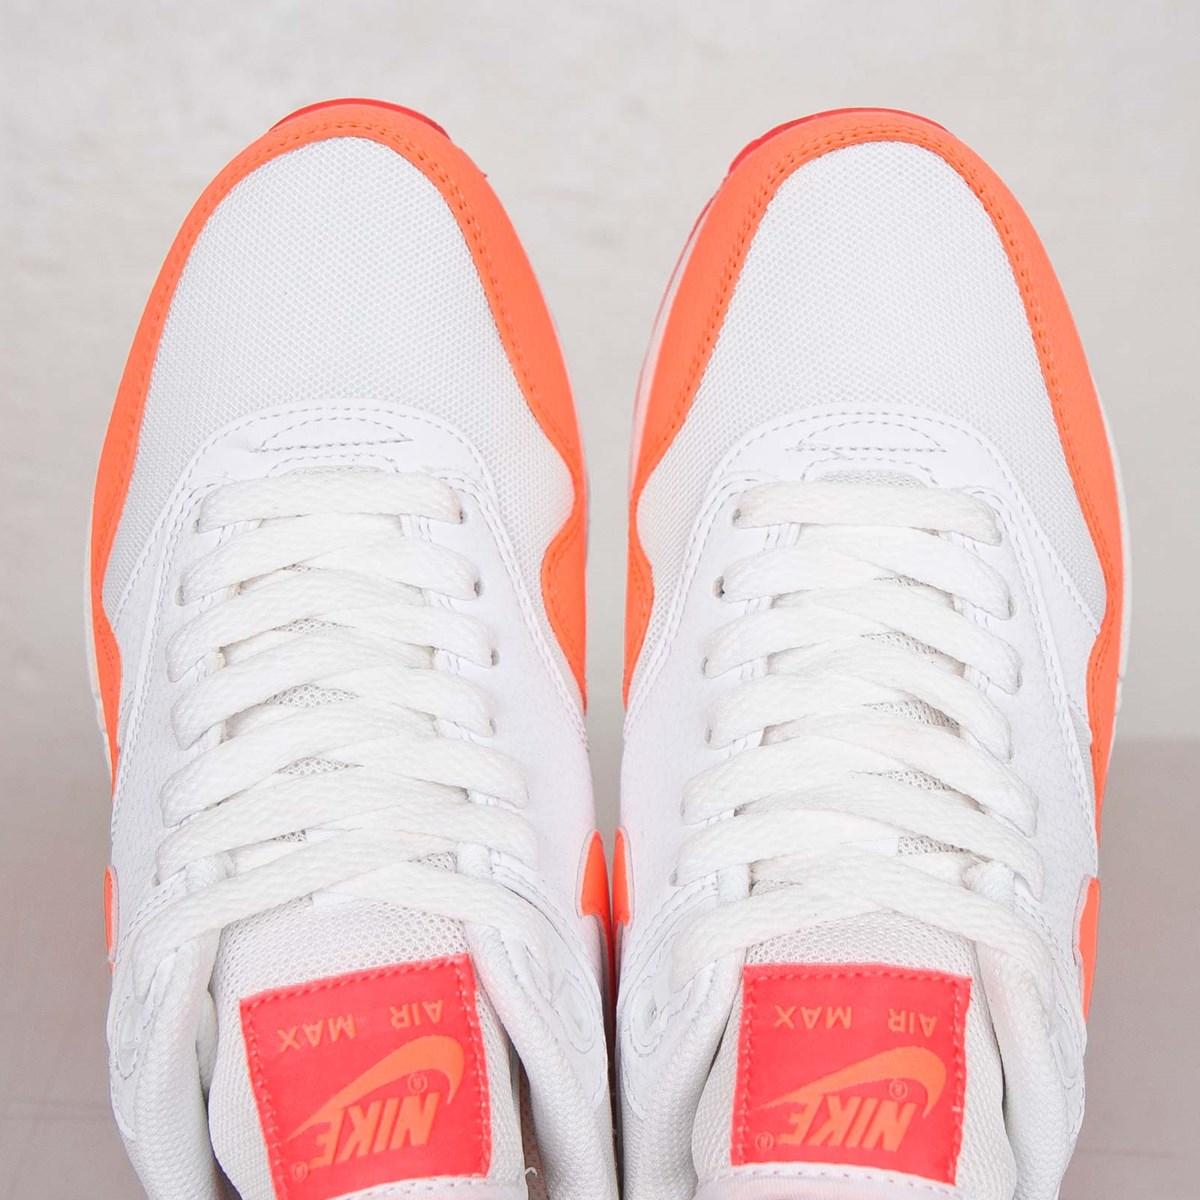 best website a83f0 bff78 Nike Wmns Air Max 1 Essential - 599820-114 - Sneakersnstuff   sneakers    streetwear på nätet sen 1999